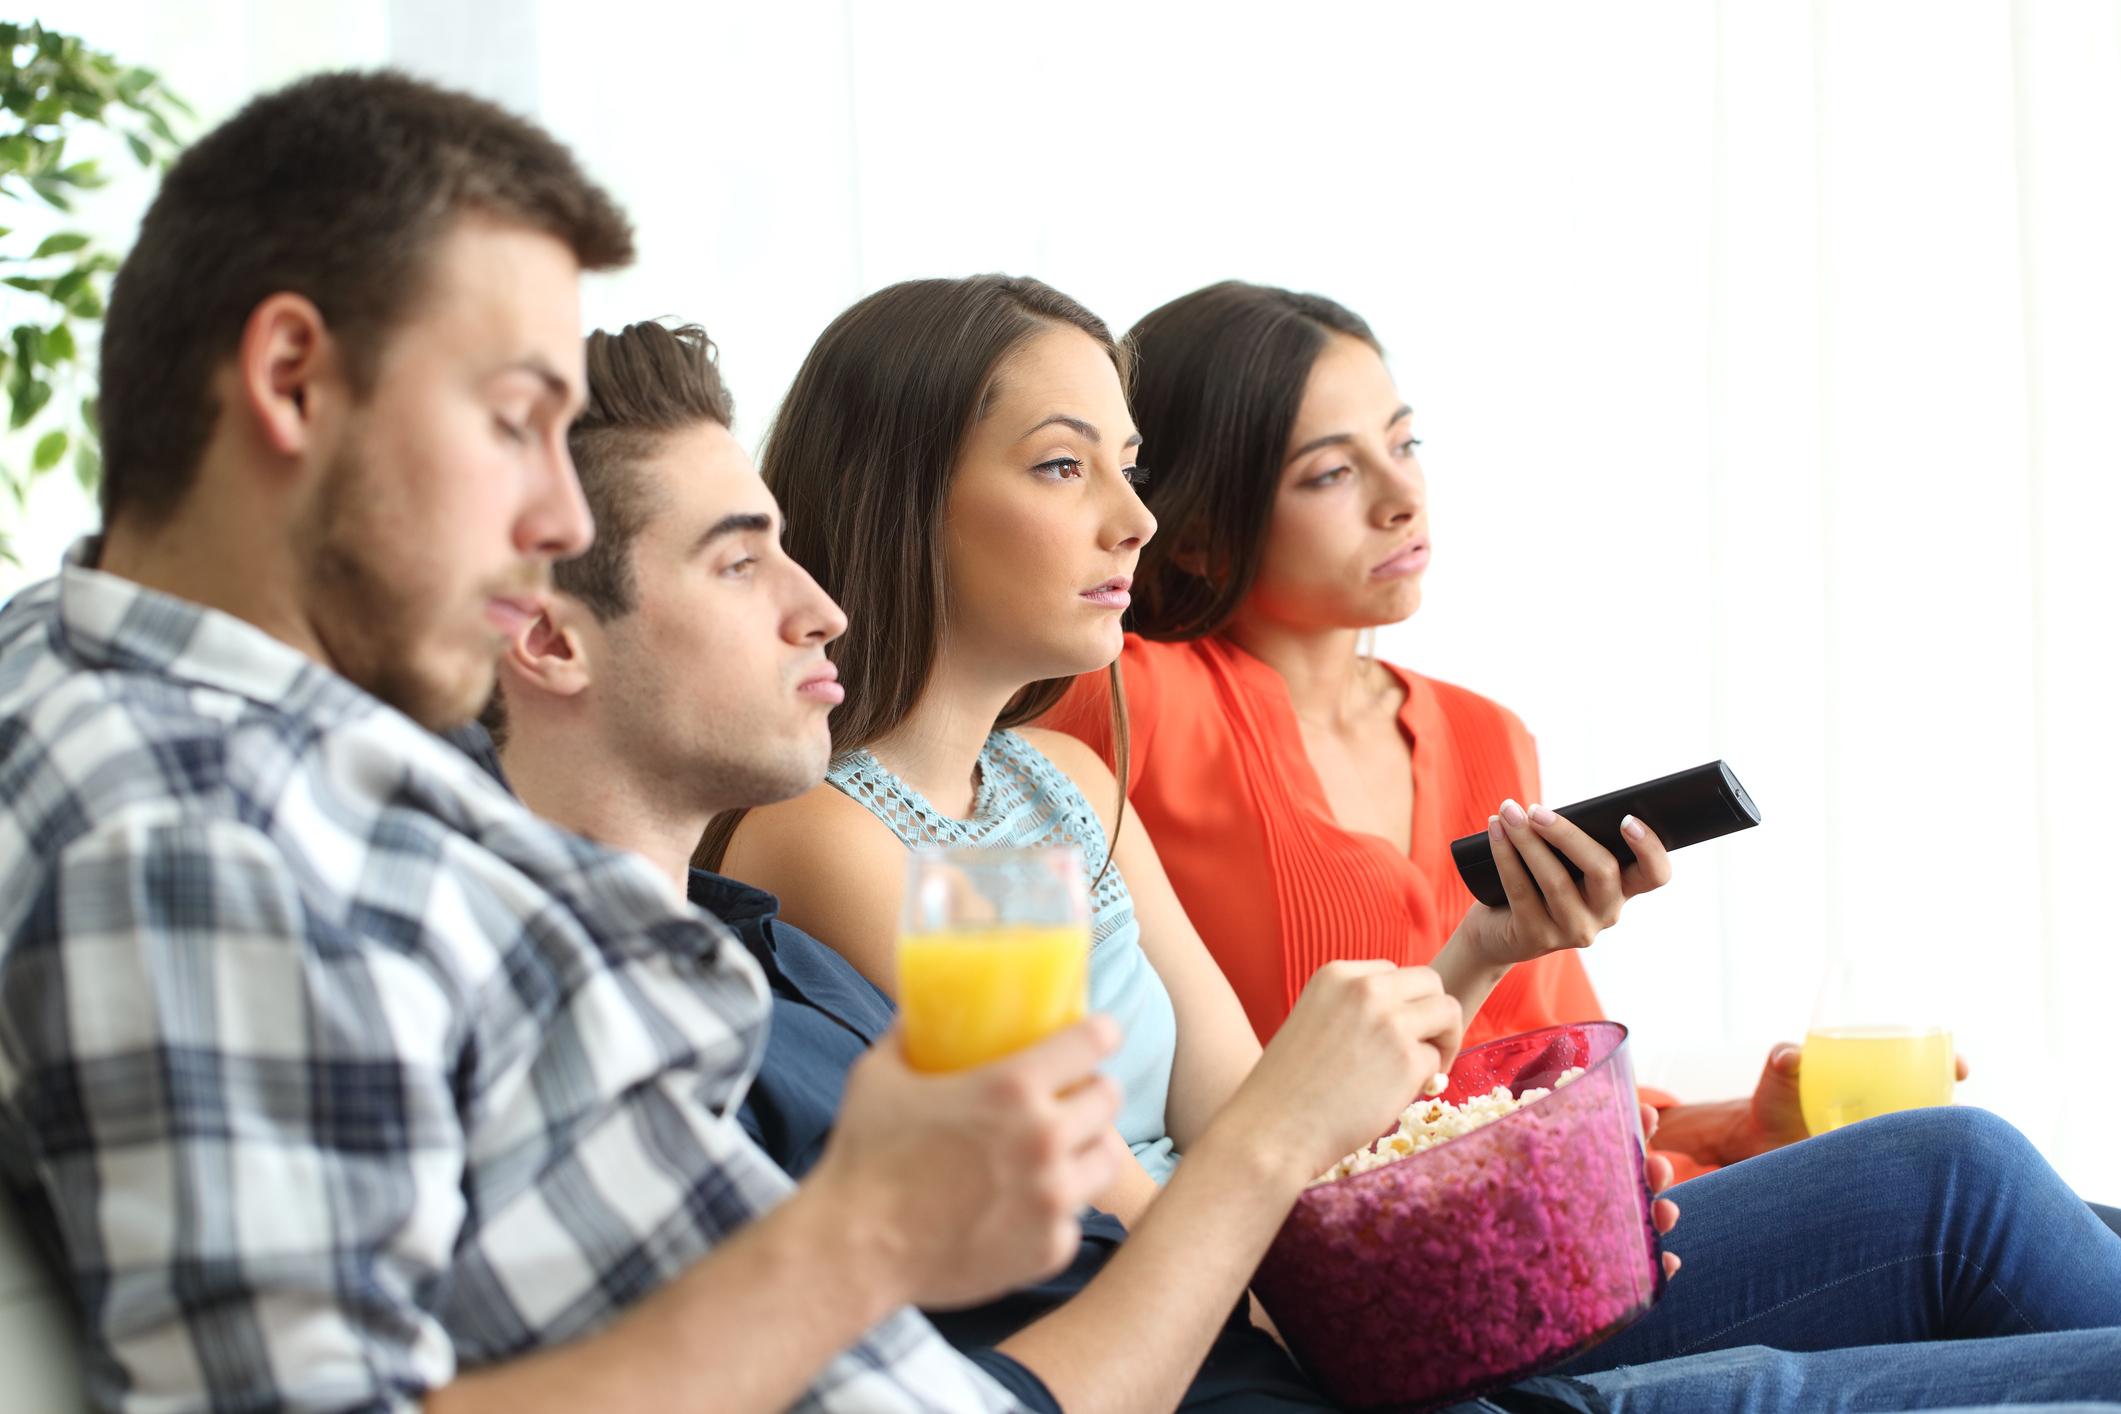 Не гледайте телевизия.<br /> Всякакви новини напрягат човек рано сутрин. Може да прегледате всичко ново от света с мобилни приложения.